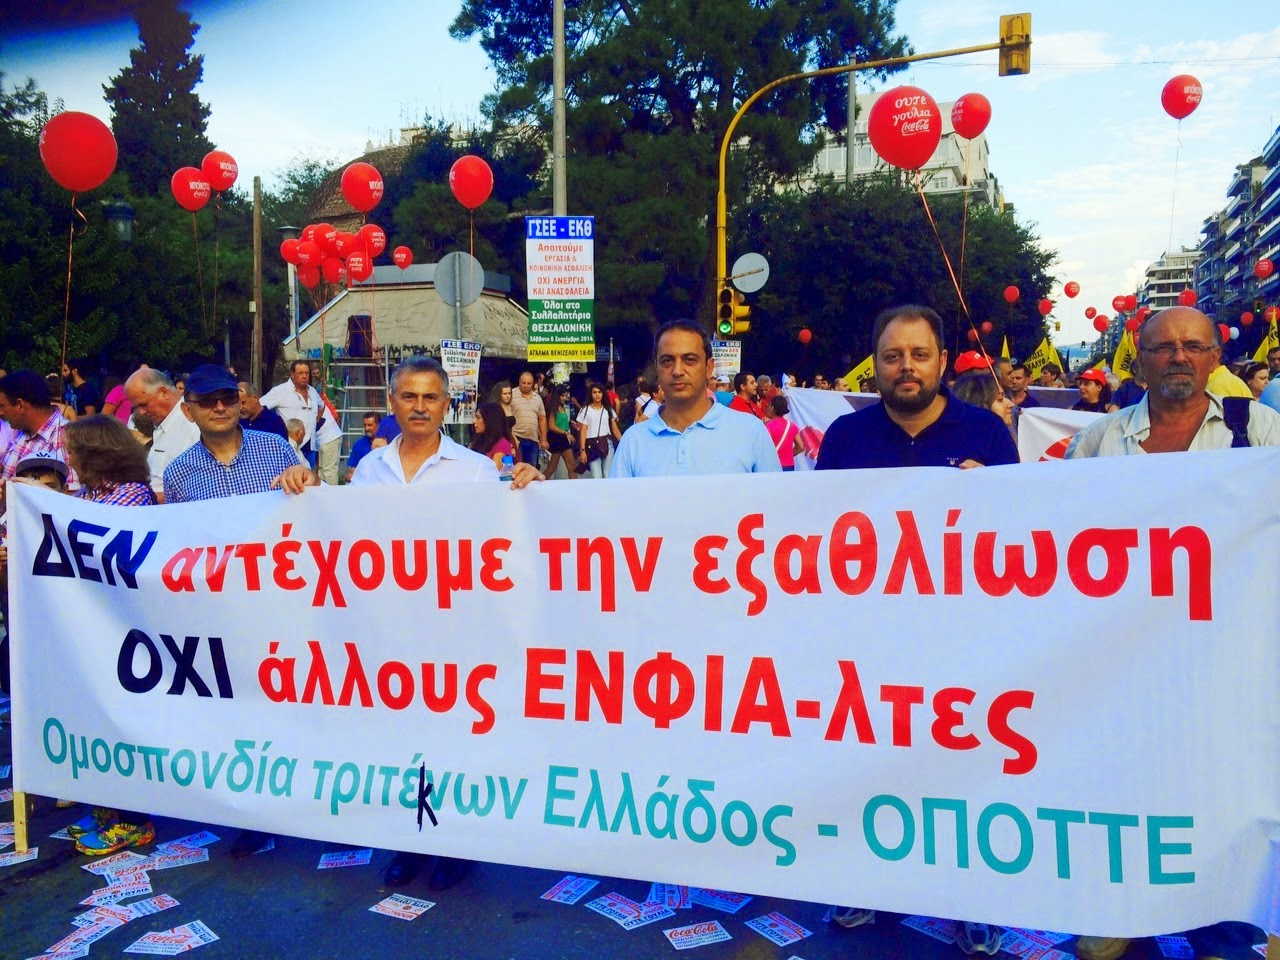 Διαμαρτυρία ΟΠΟΤΤΕ στη ΔΕΘ Σεπ 2014